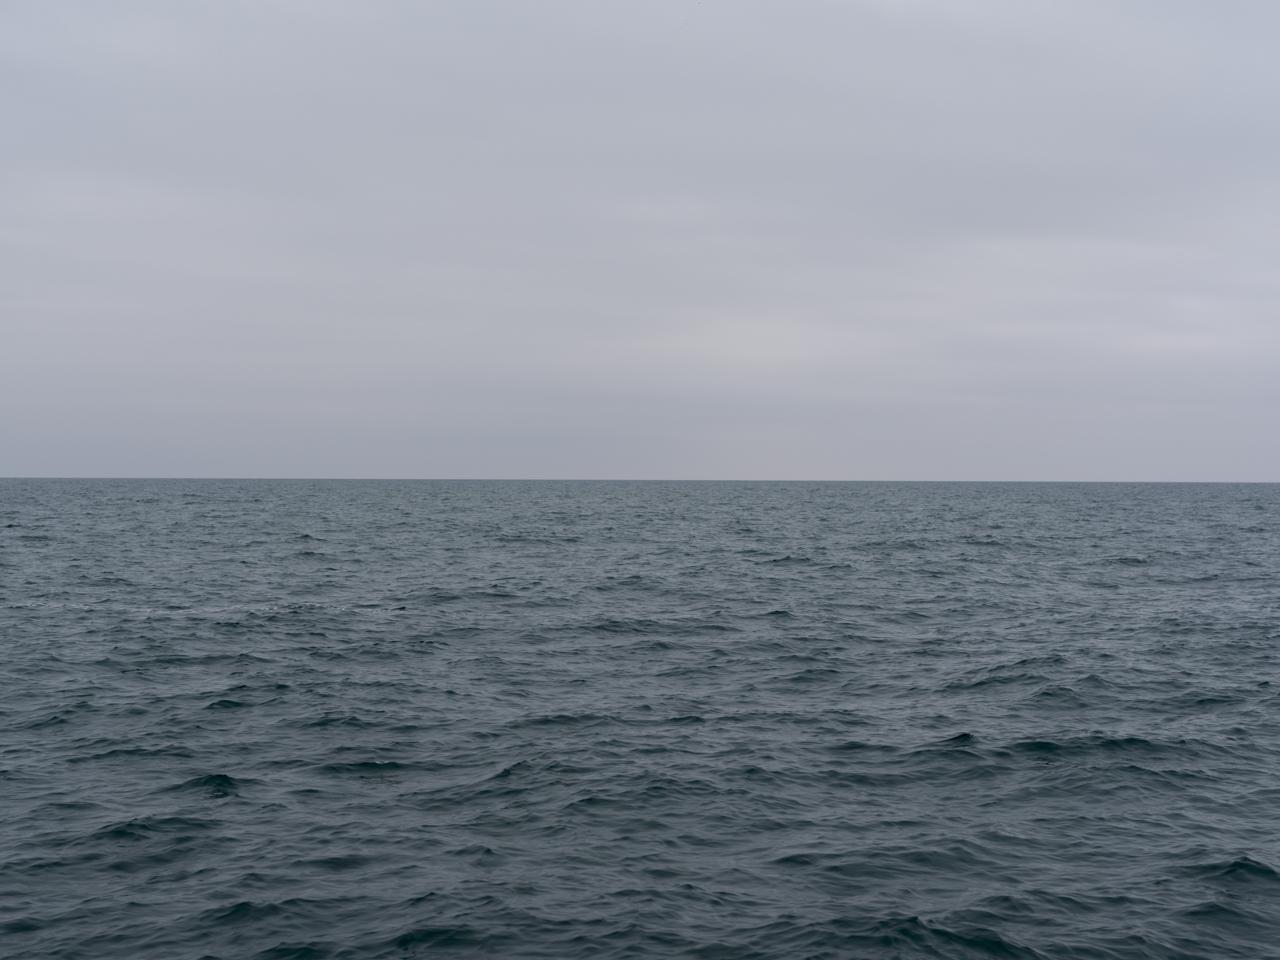 Lake Michigan, January 3rd, 2020